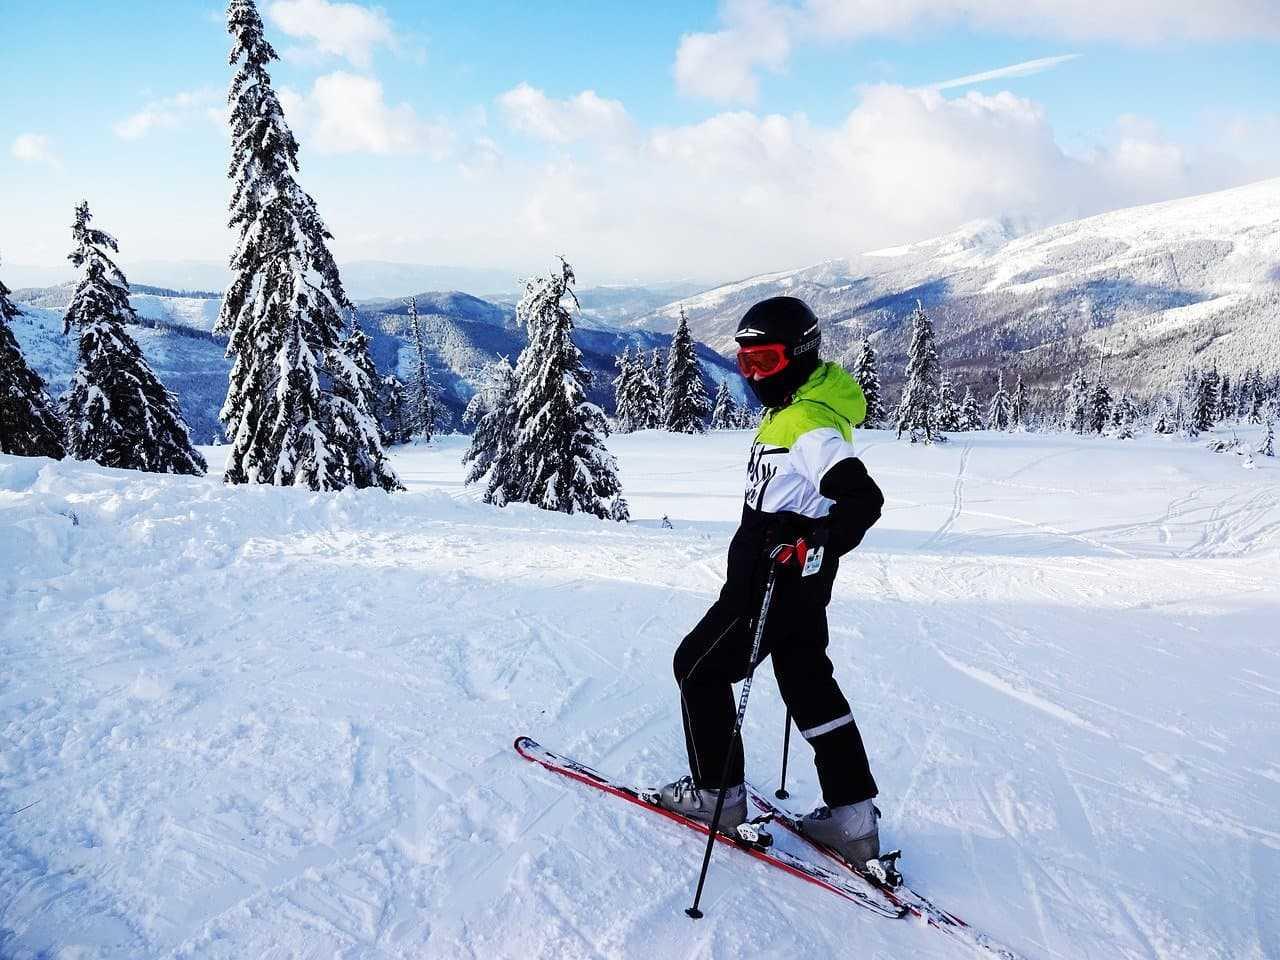 Ubezpieczenie narciarskie. Ile kosztuje i co powinno zawierać?